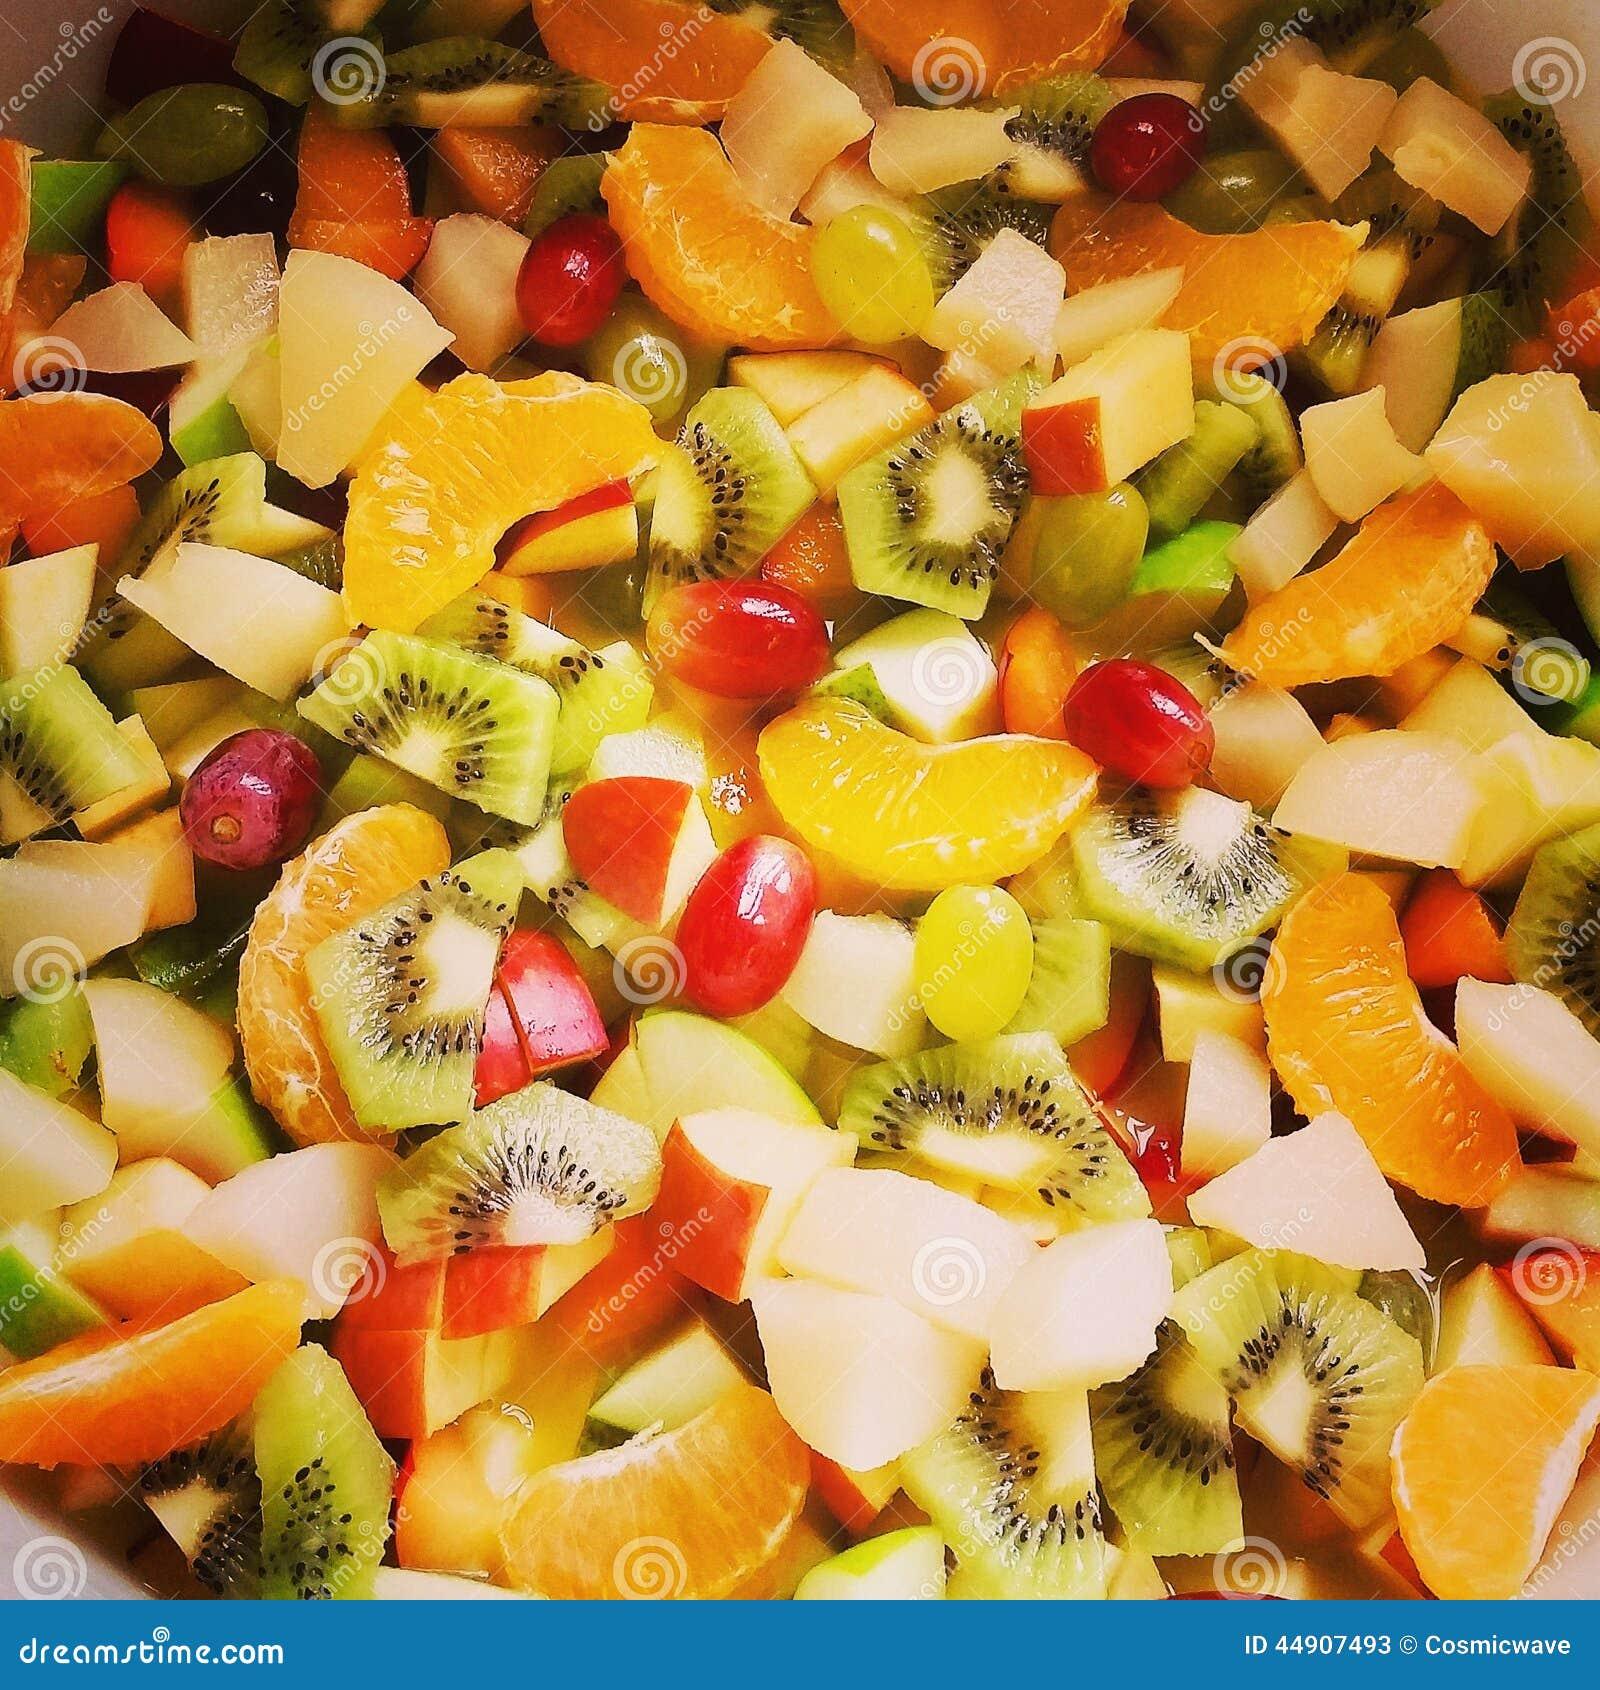 Fresh Fruit Cocktail Stock Photo - Image: 44907493